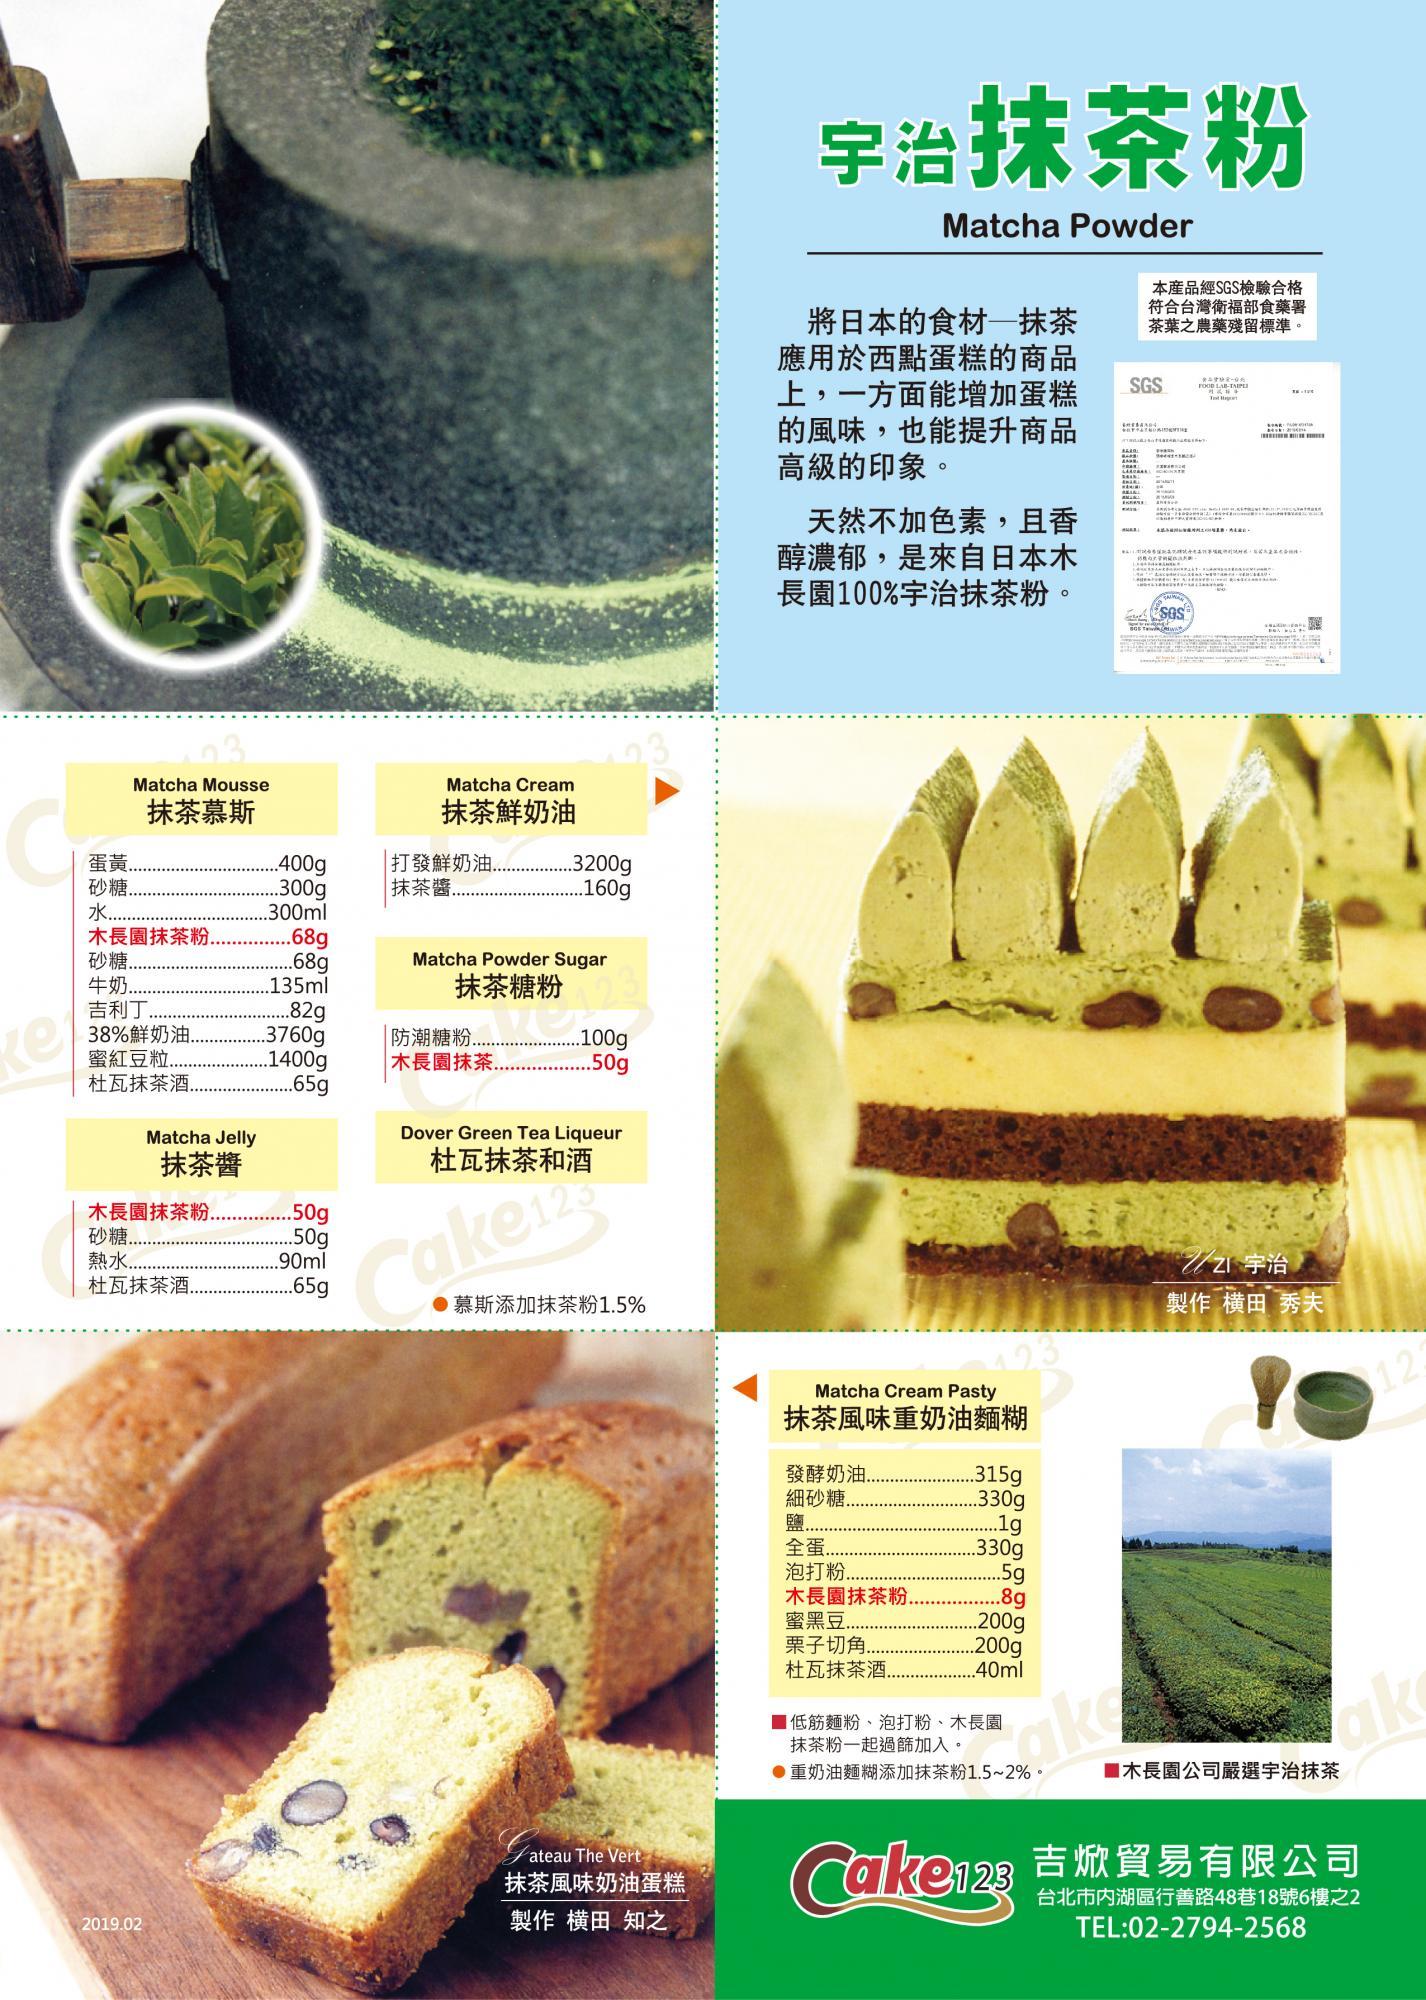 greentea02.jpg